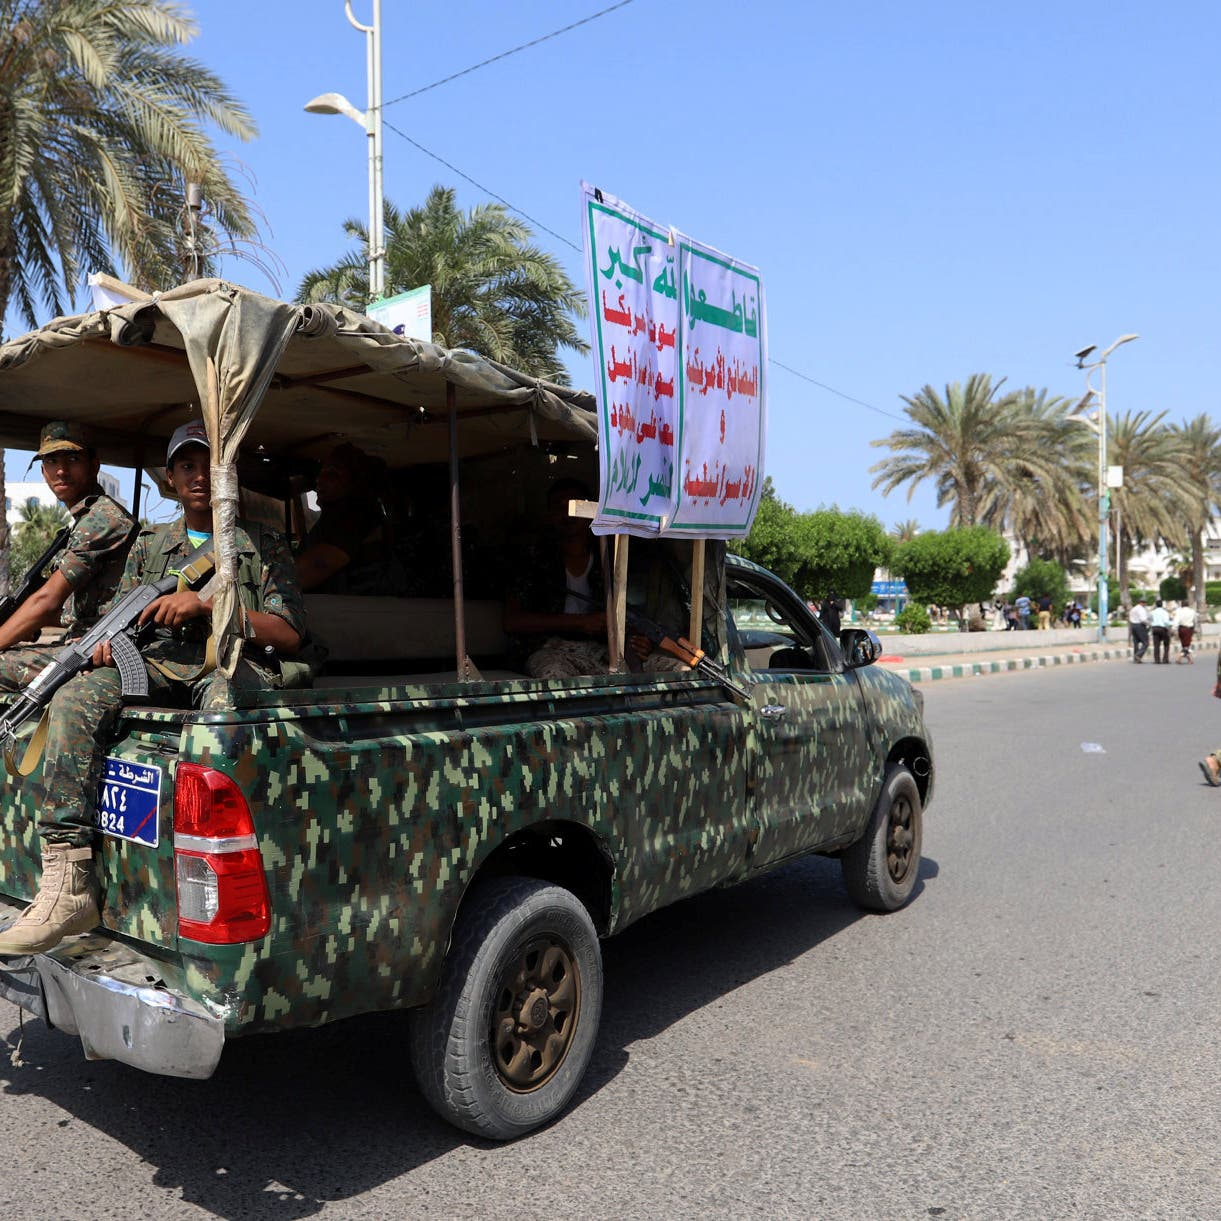 التحالف: 41 خرقاً من الحوثيين لاتفاق الحديدة في 24 ساعة